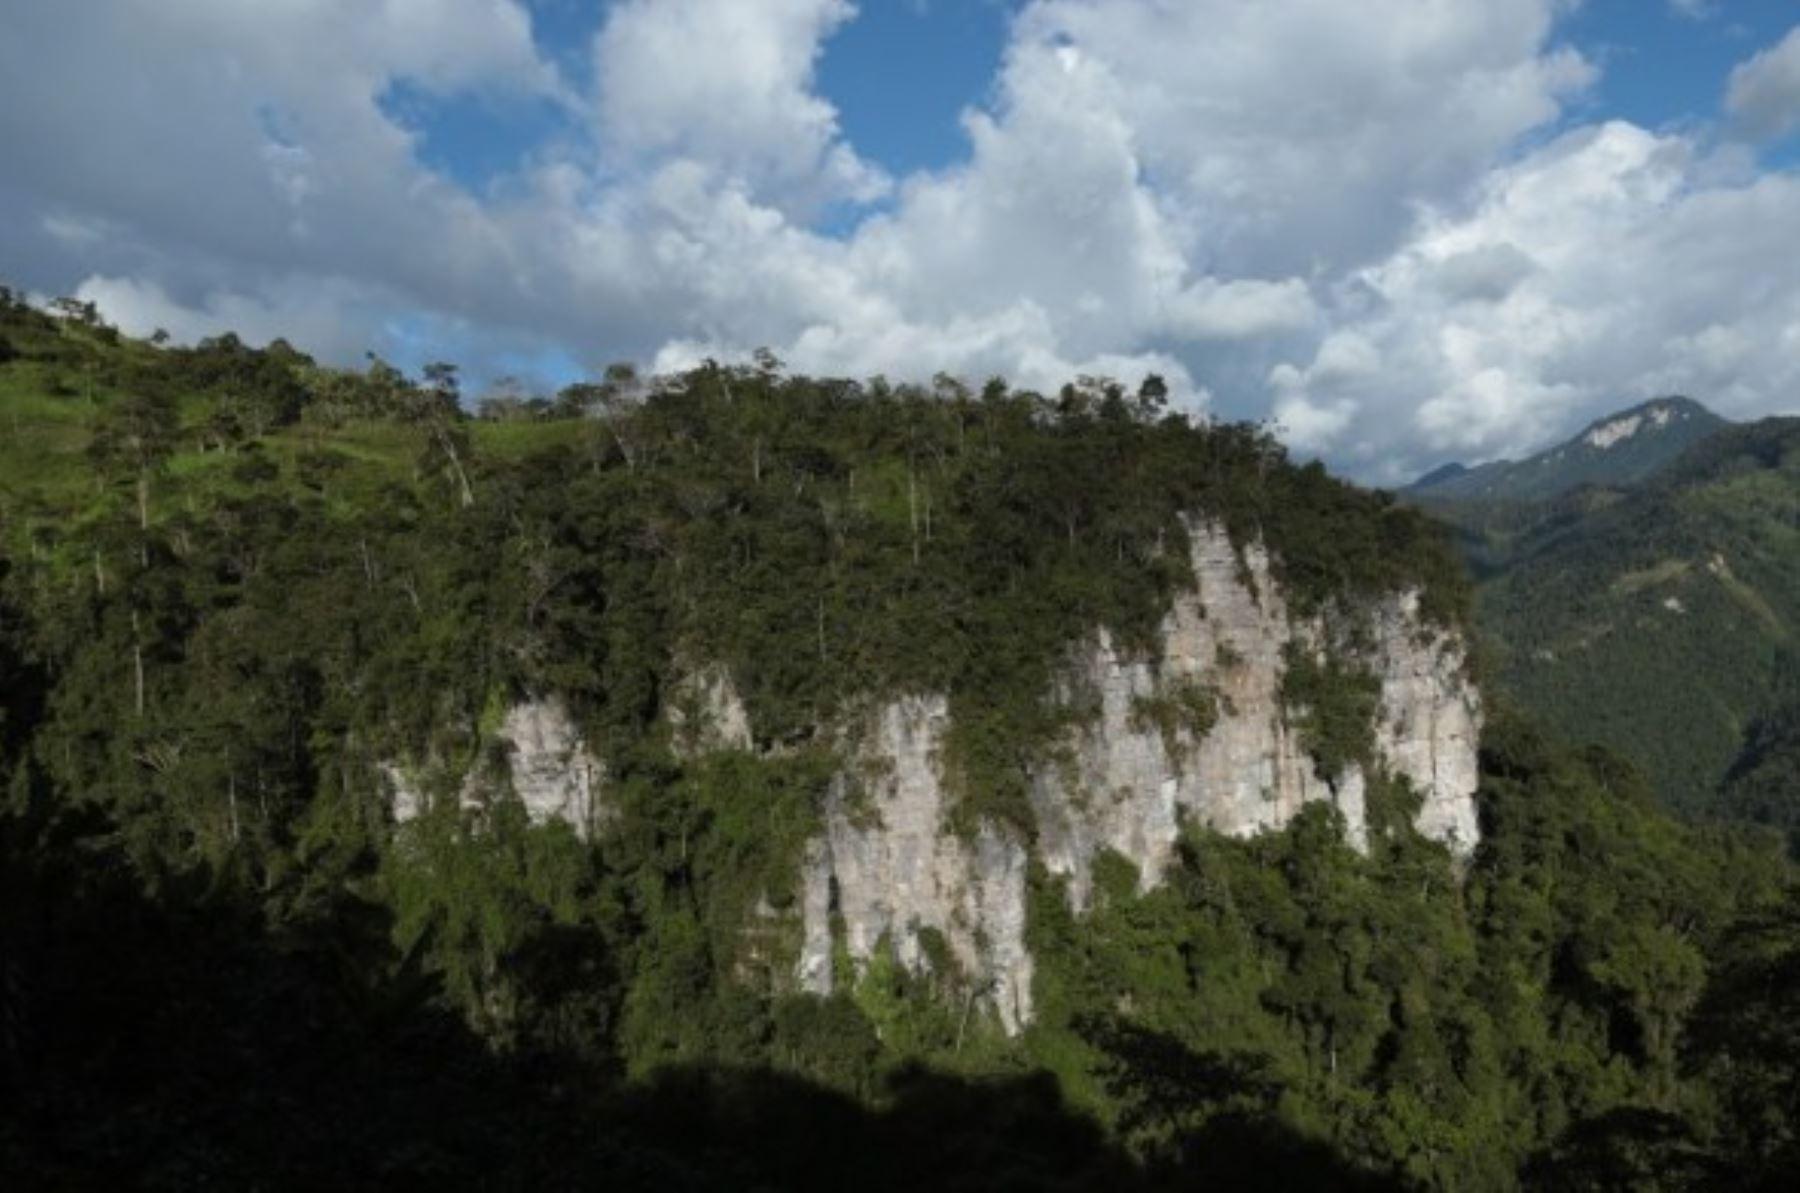 El Santuario Nacional Cordillera de Colán está ubicado en los distritos de Aramango y Copalín, en la provincia de Bagua, y en el distrito de Cajaruro, en la provincia de Utcubamba, ambas provincias pertenecientes al departamento de Amazonas. Tiene una extensión de 39,215.80 hectáreas y comprende una muestra de los bosques montanos o yungas del norte del Perú.